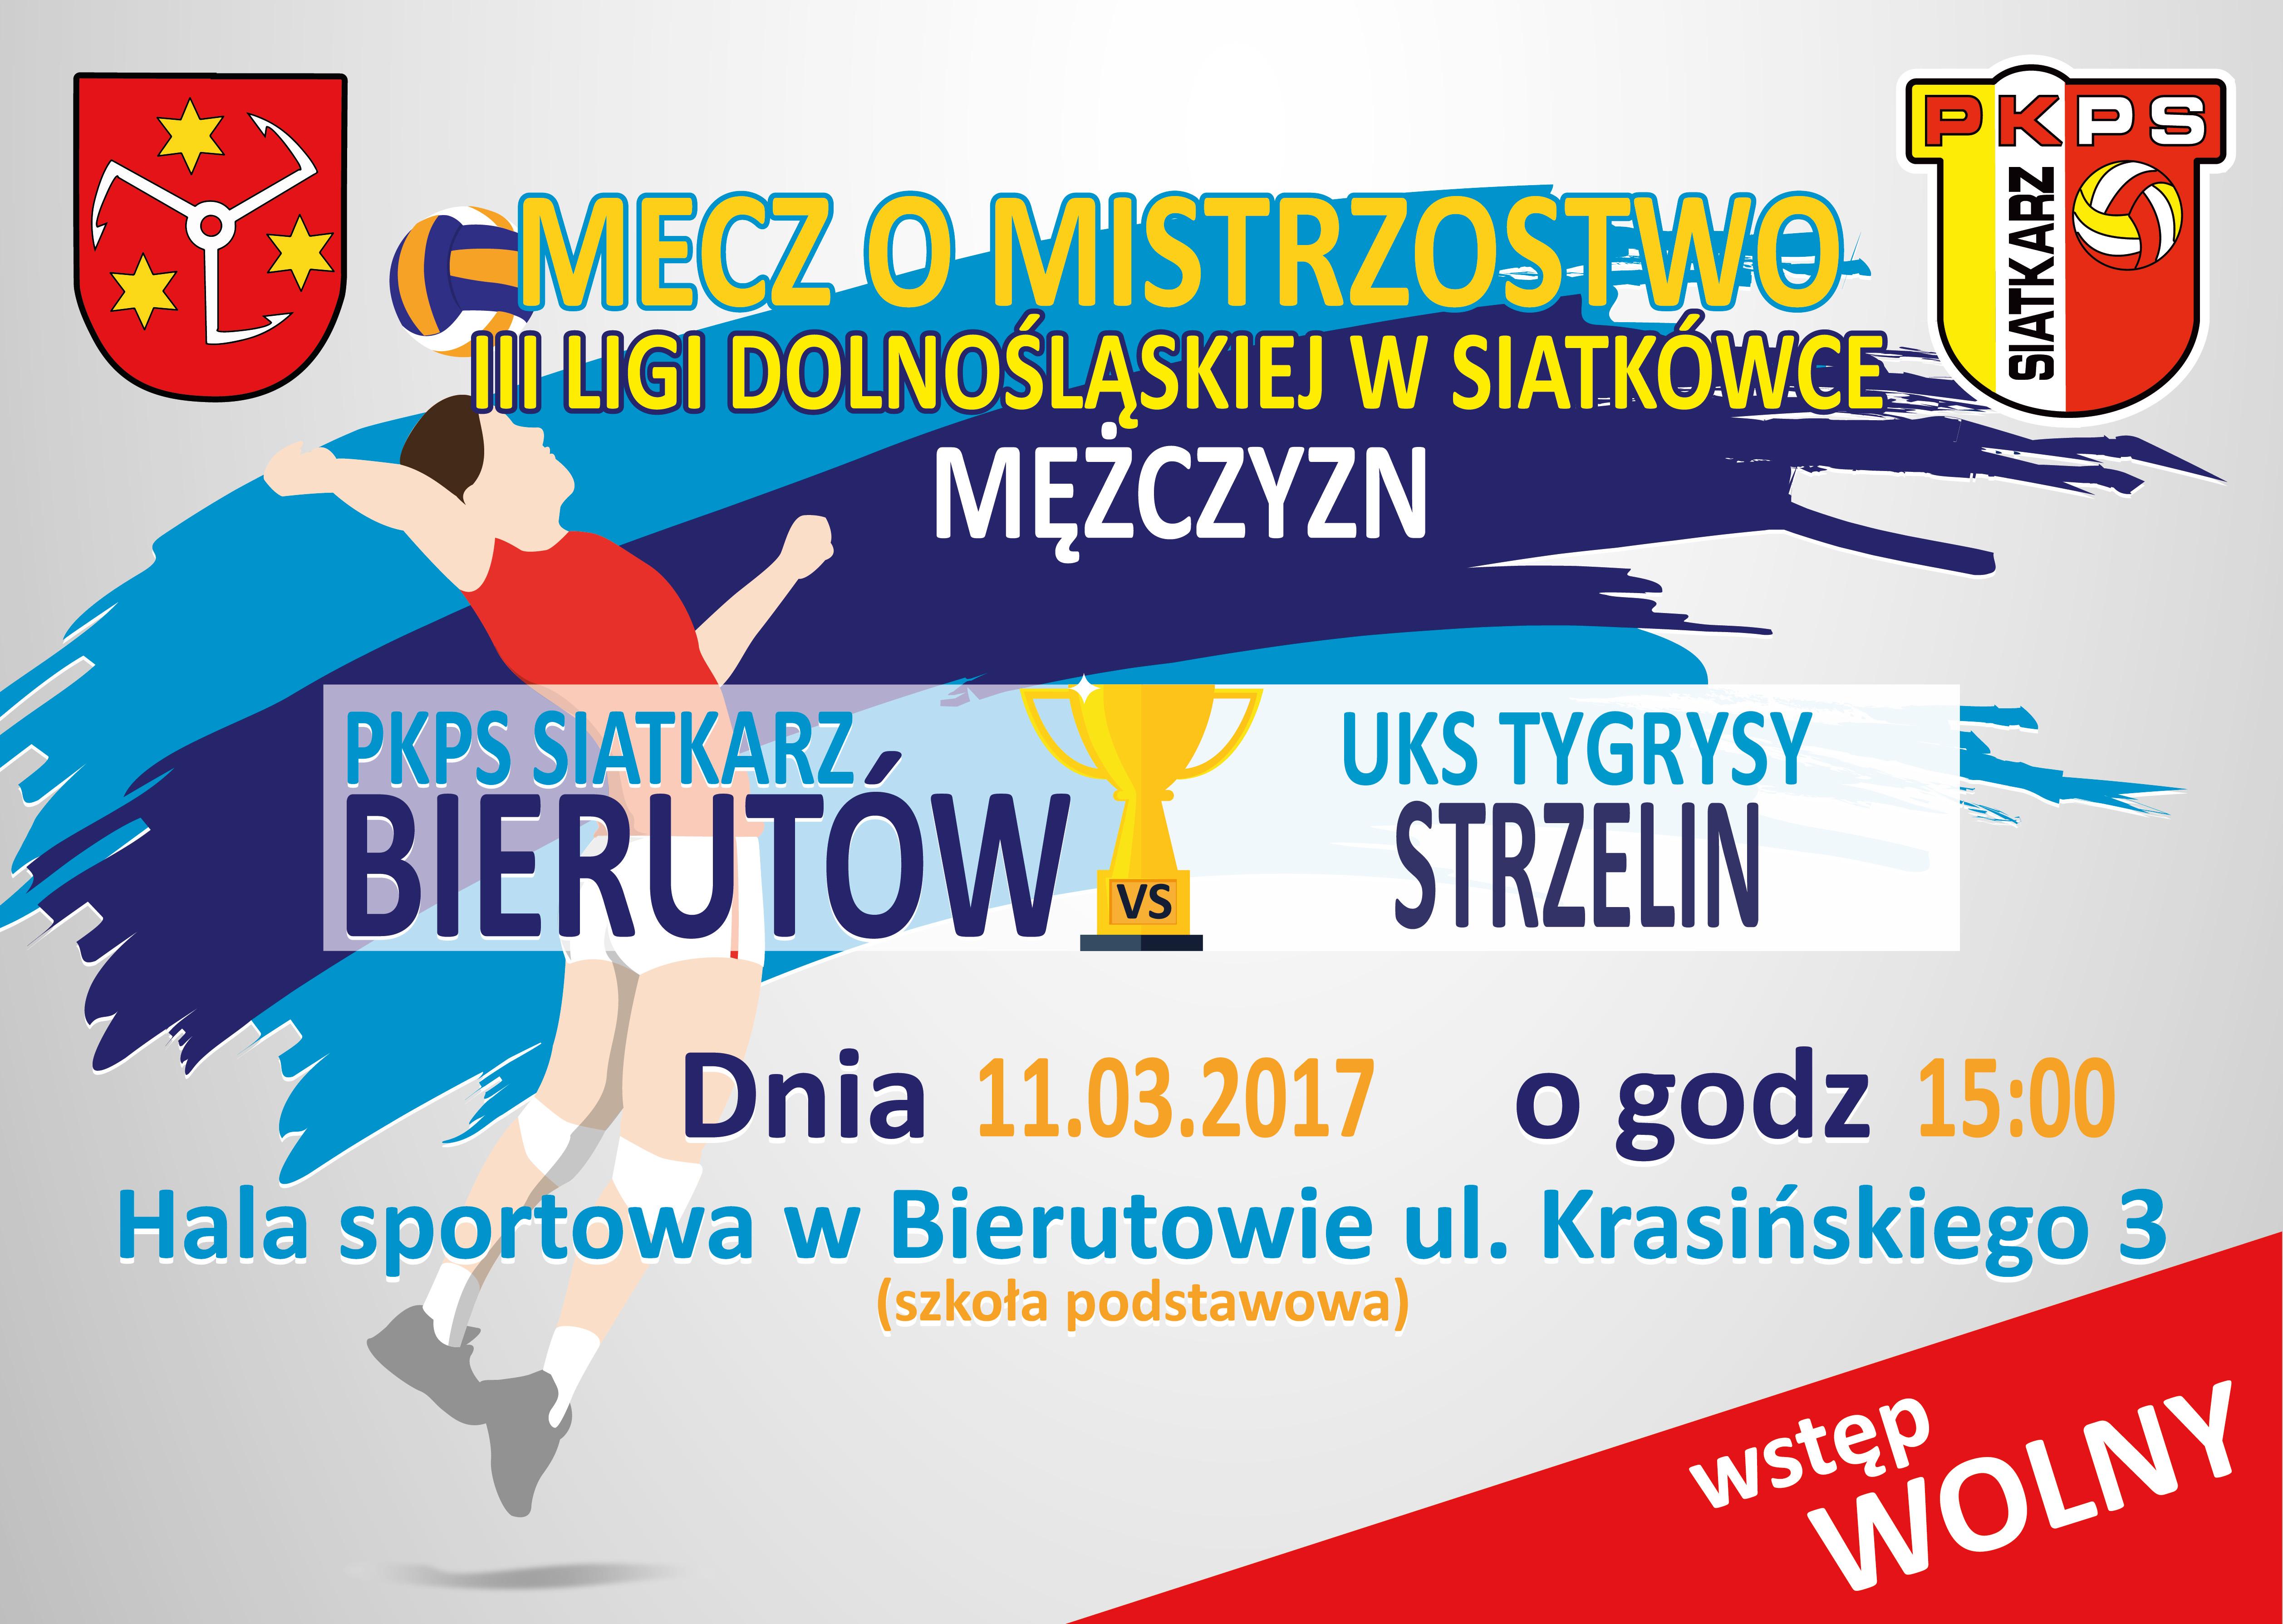 - plakat_siatkowka-110317.jpg